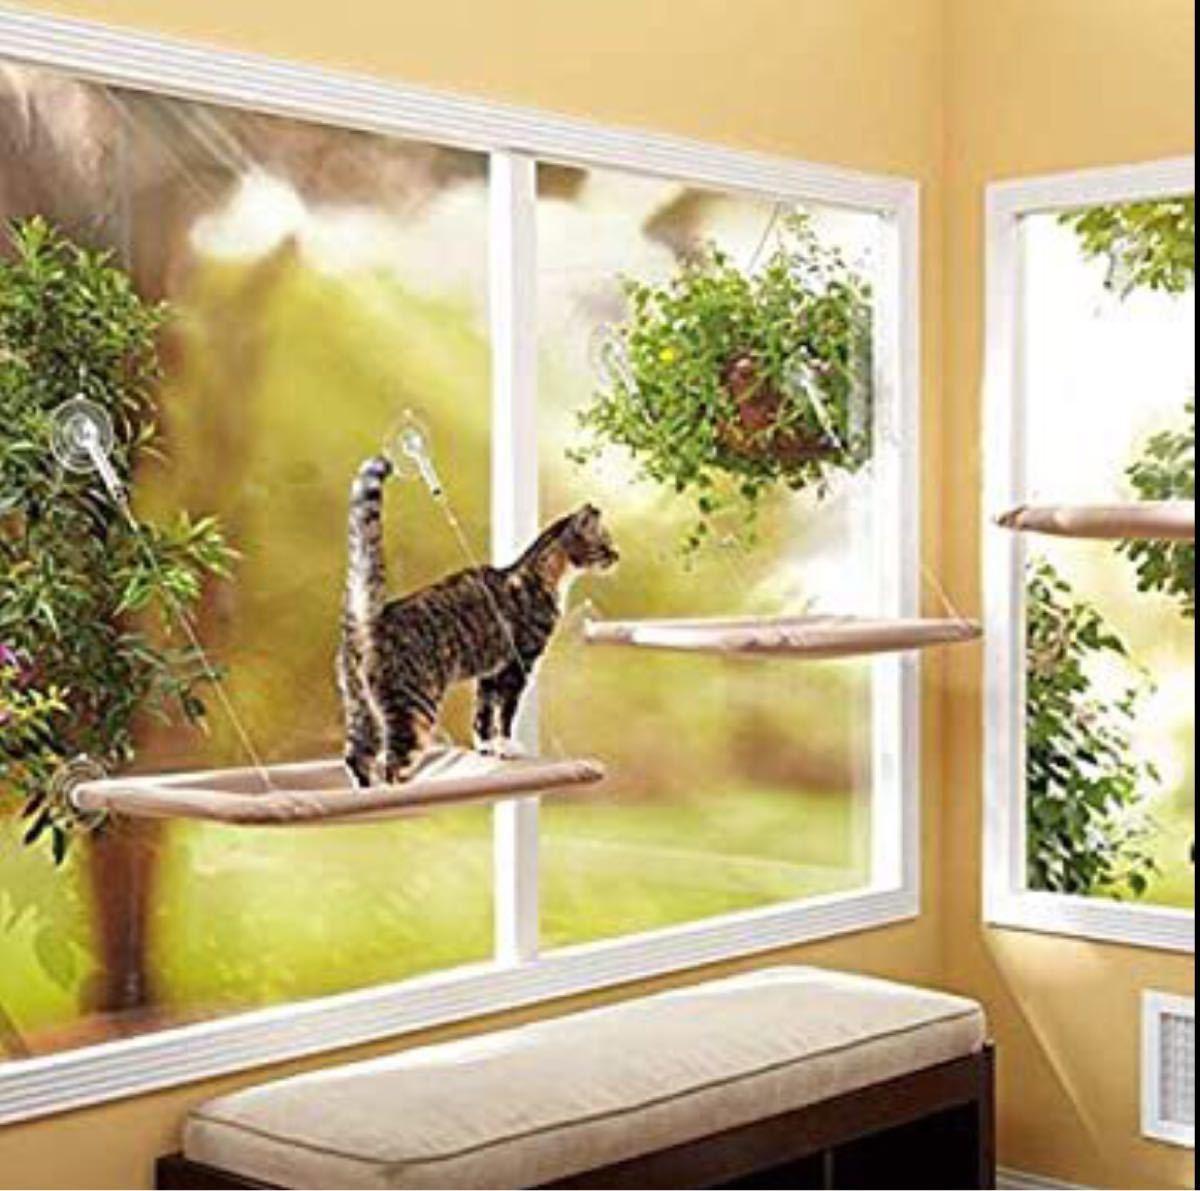 ねこベッド ネコベッド ペットハンモック 猫ベッド 窓 猫ハンモック ケージ